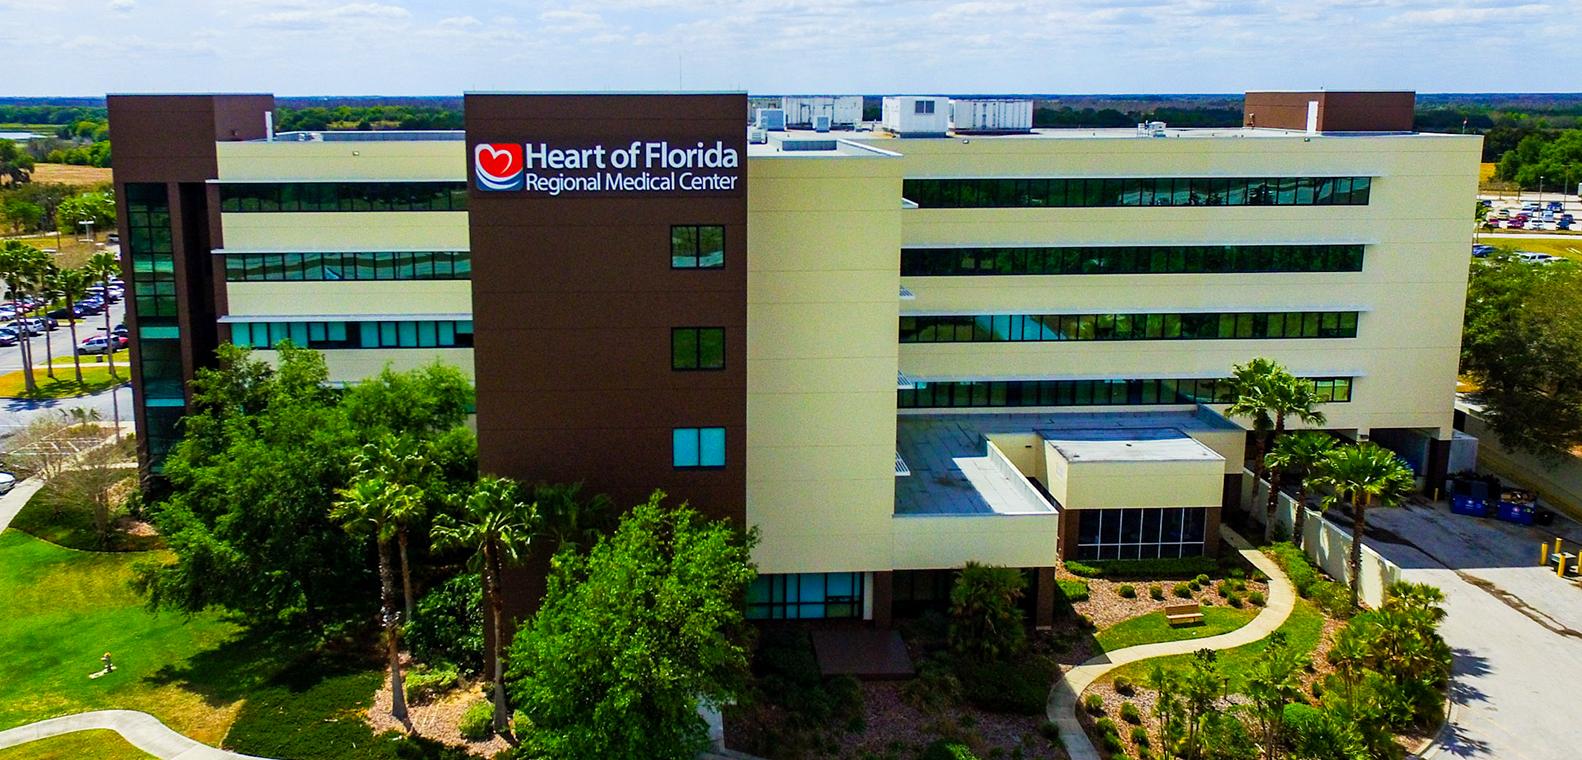 أفضل مستشفيات علاج الكلى في امريكا تصنيف 2021